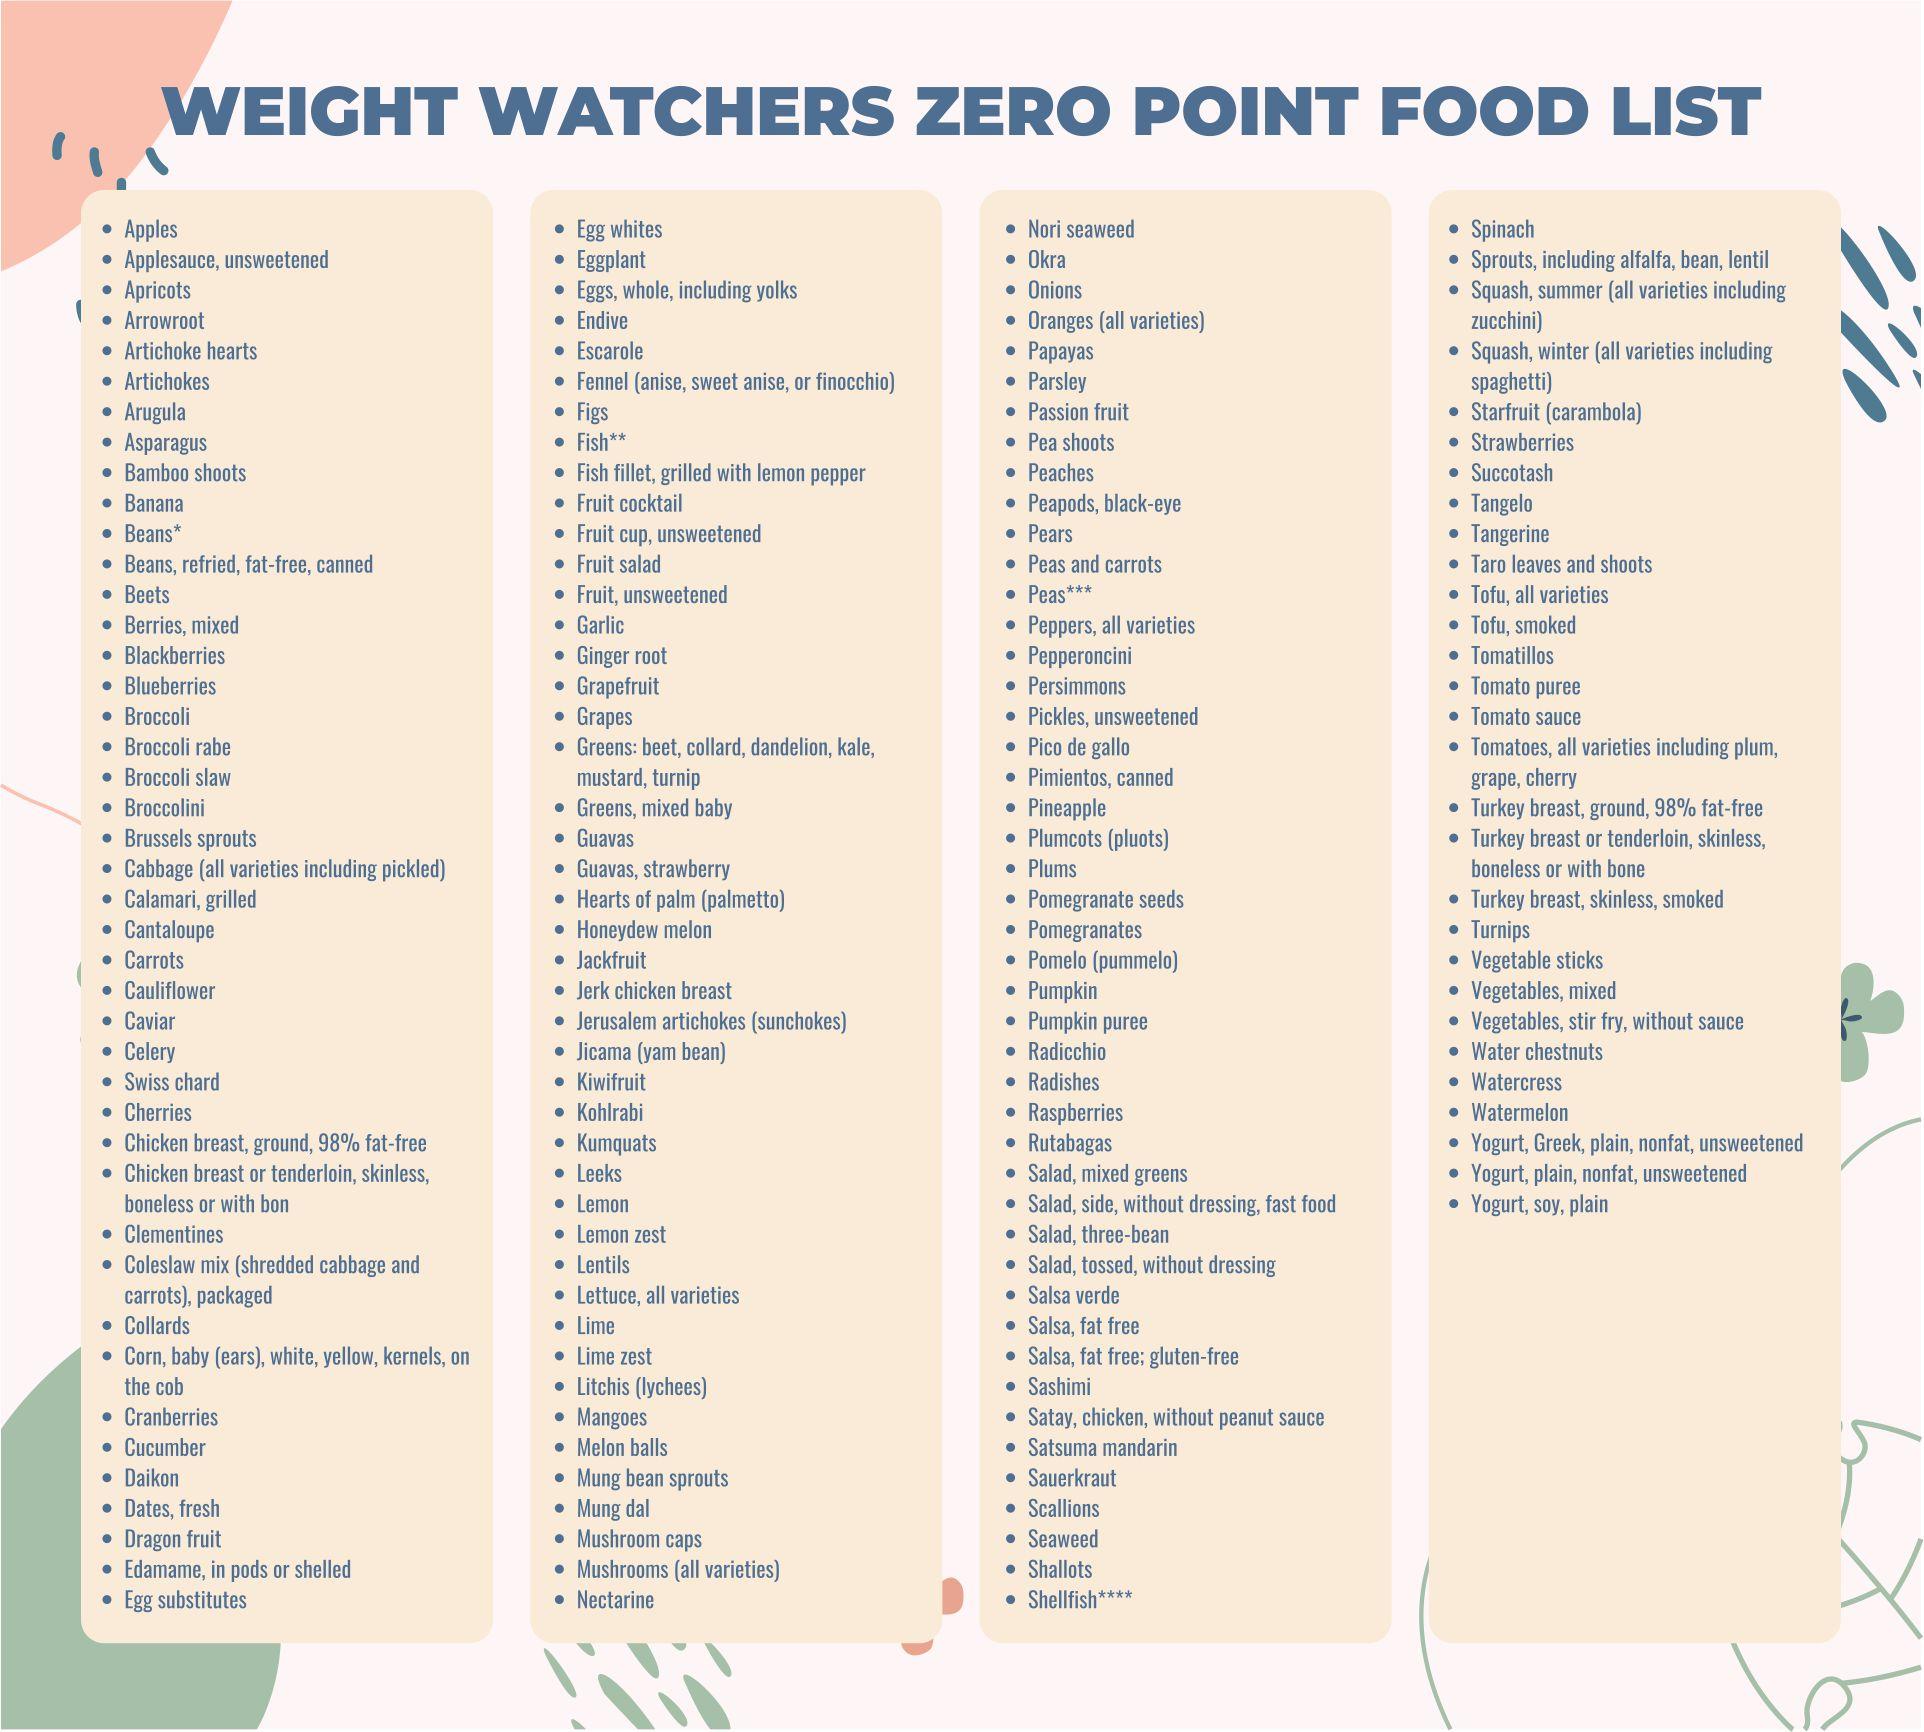 Weight Watchers PointsPlus Food List